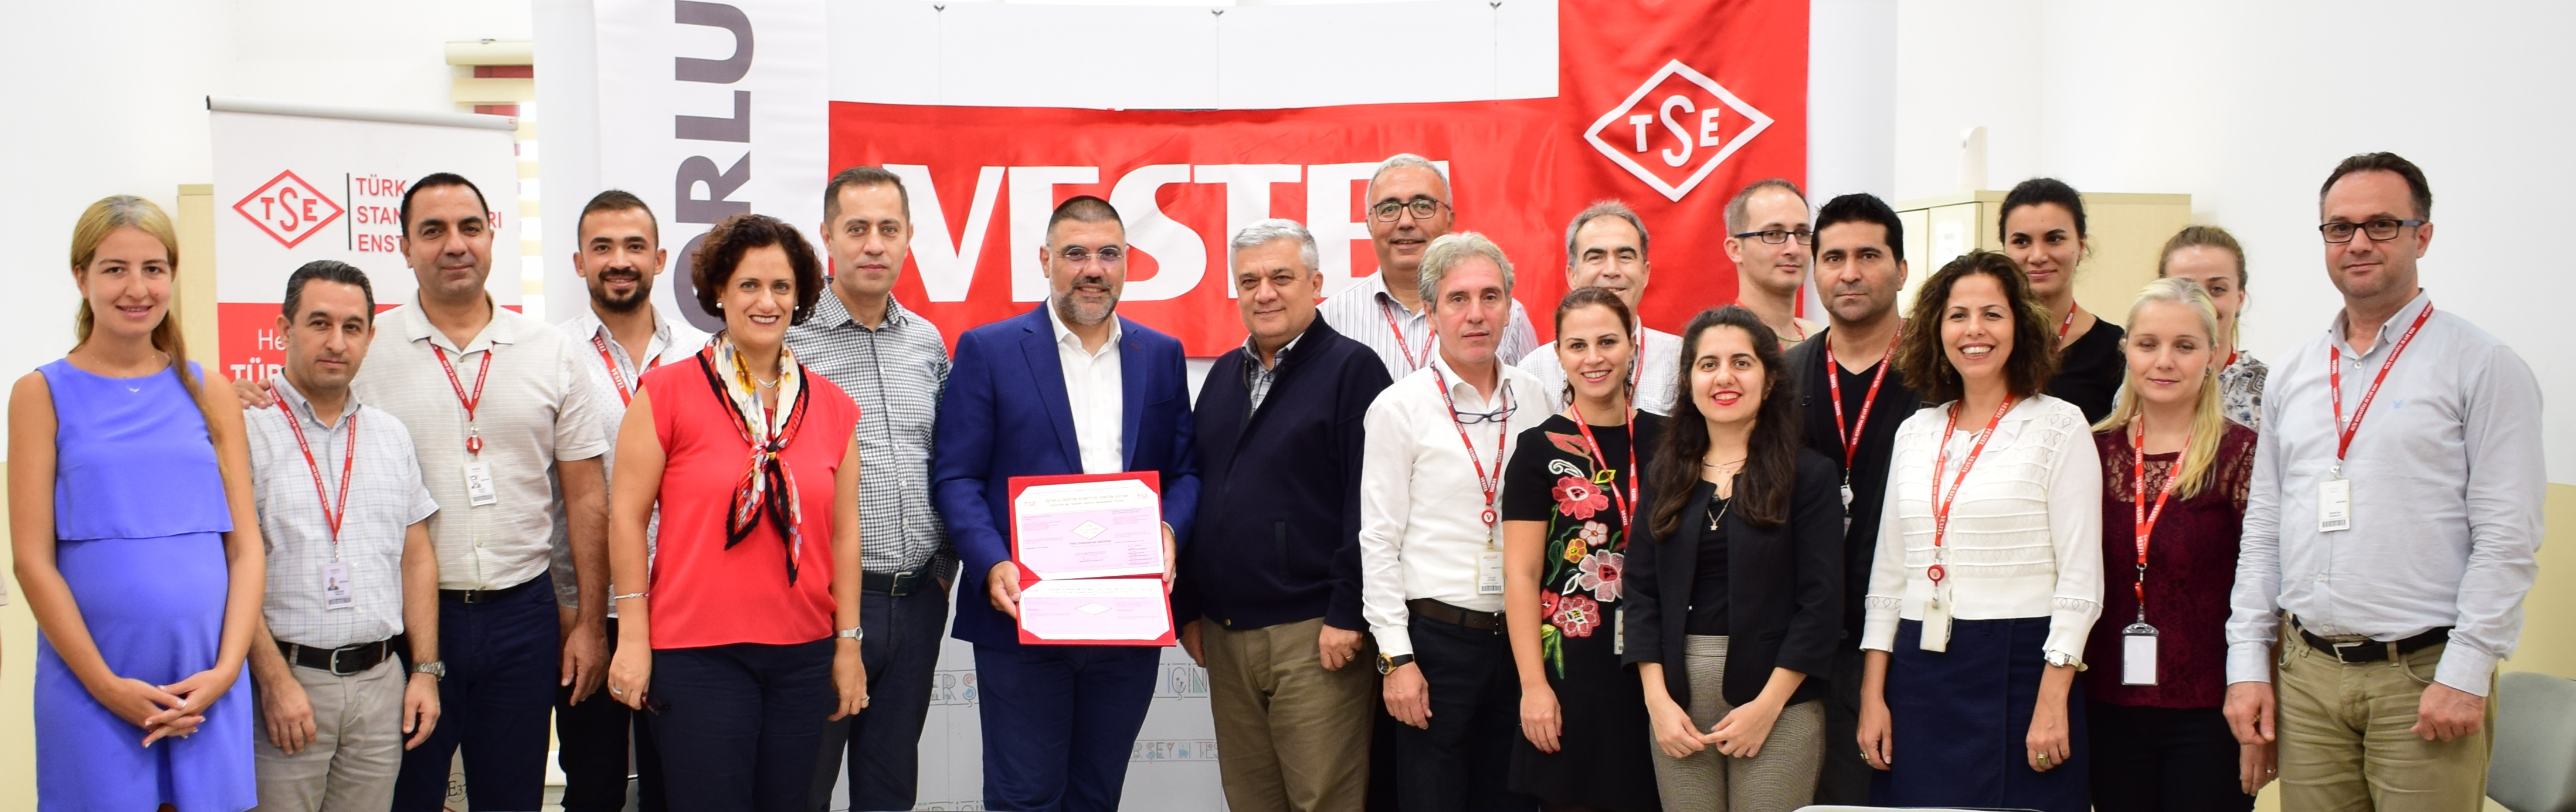 Vestel ISO 29990 TSE